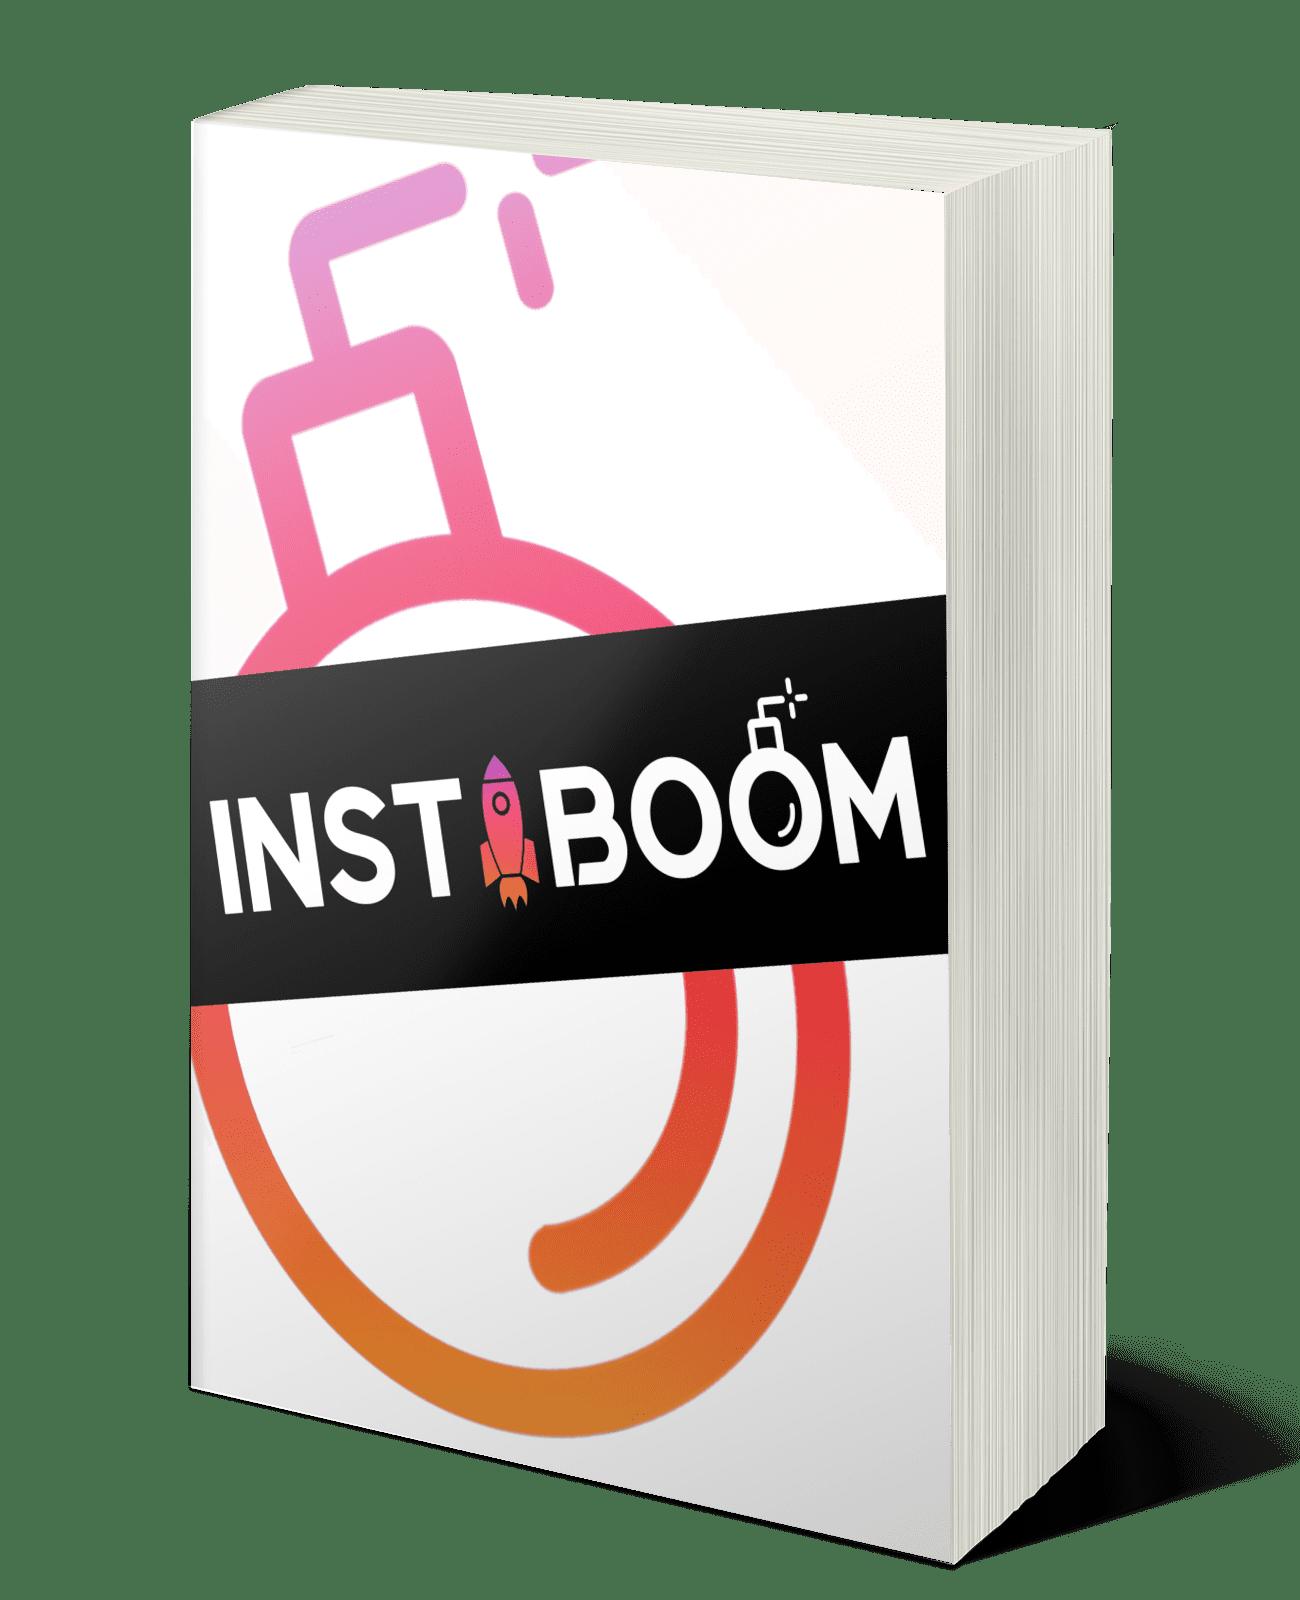 instaboom instagram